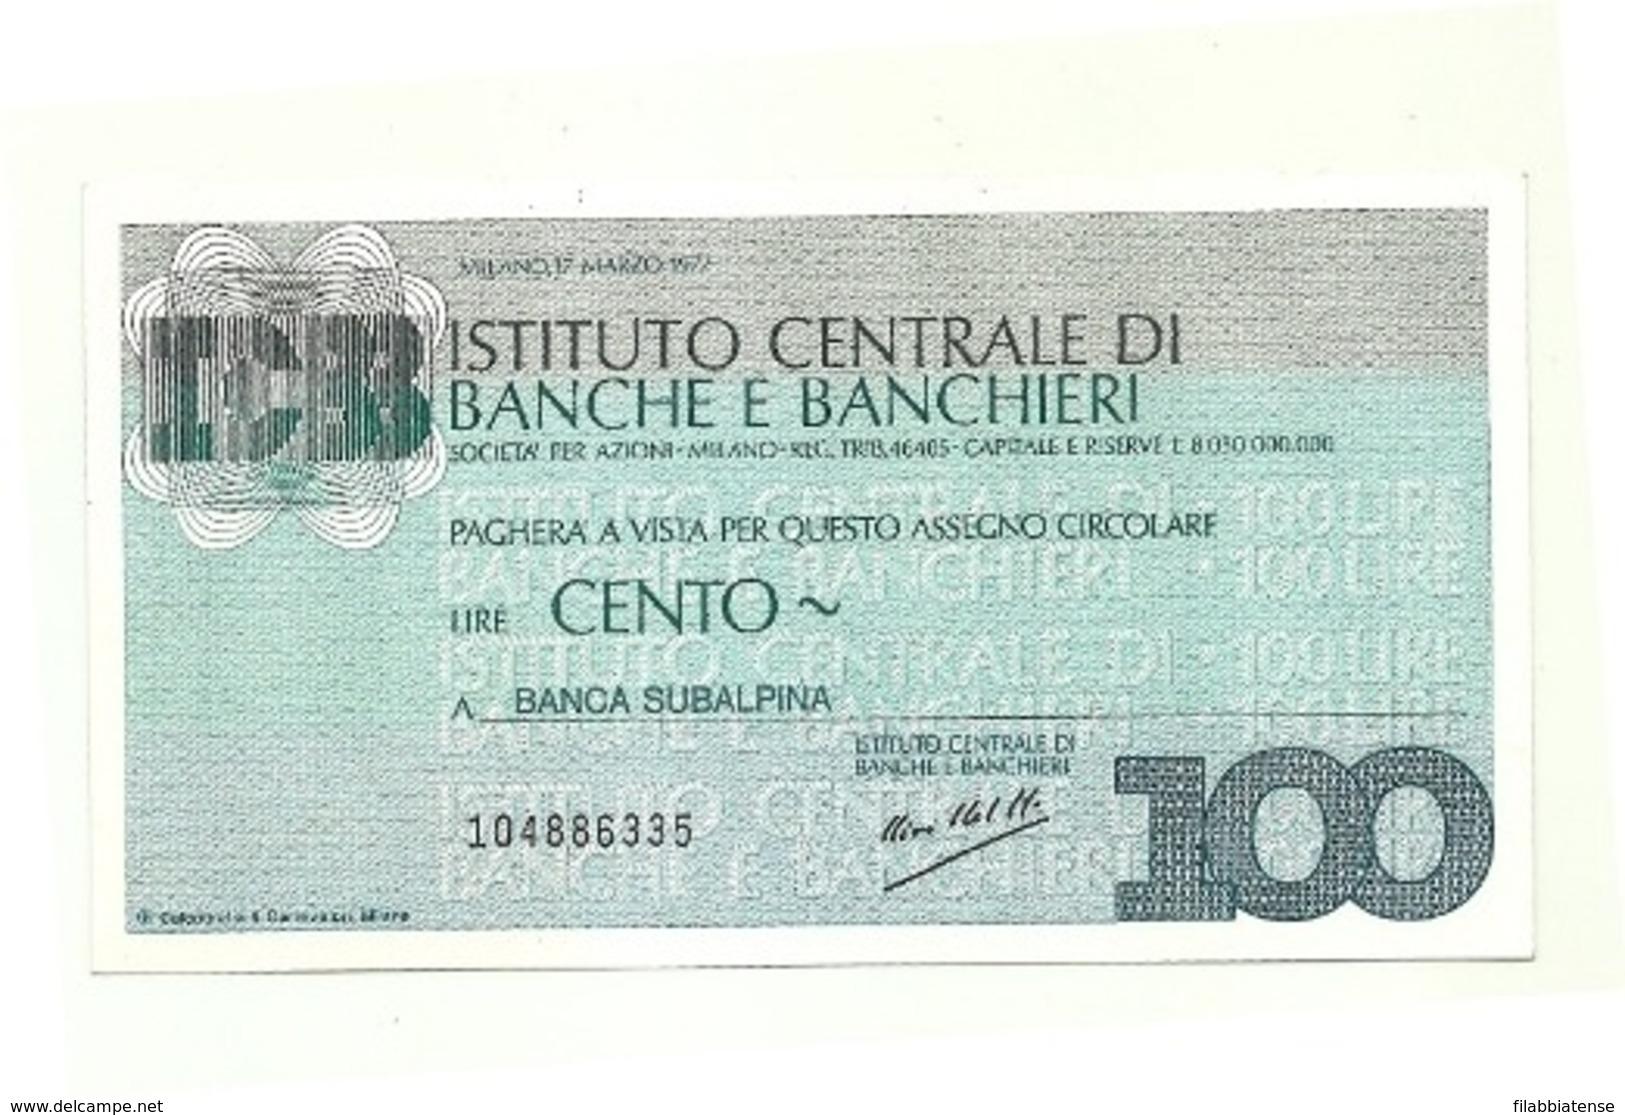 1977 - Italia - Istituto Centrale Di Banche E Banchieri - Banca Subalpina - [10] Assegni E Miniassegni